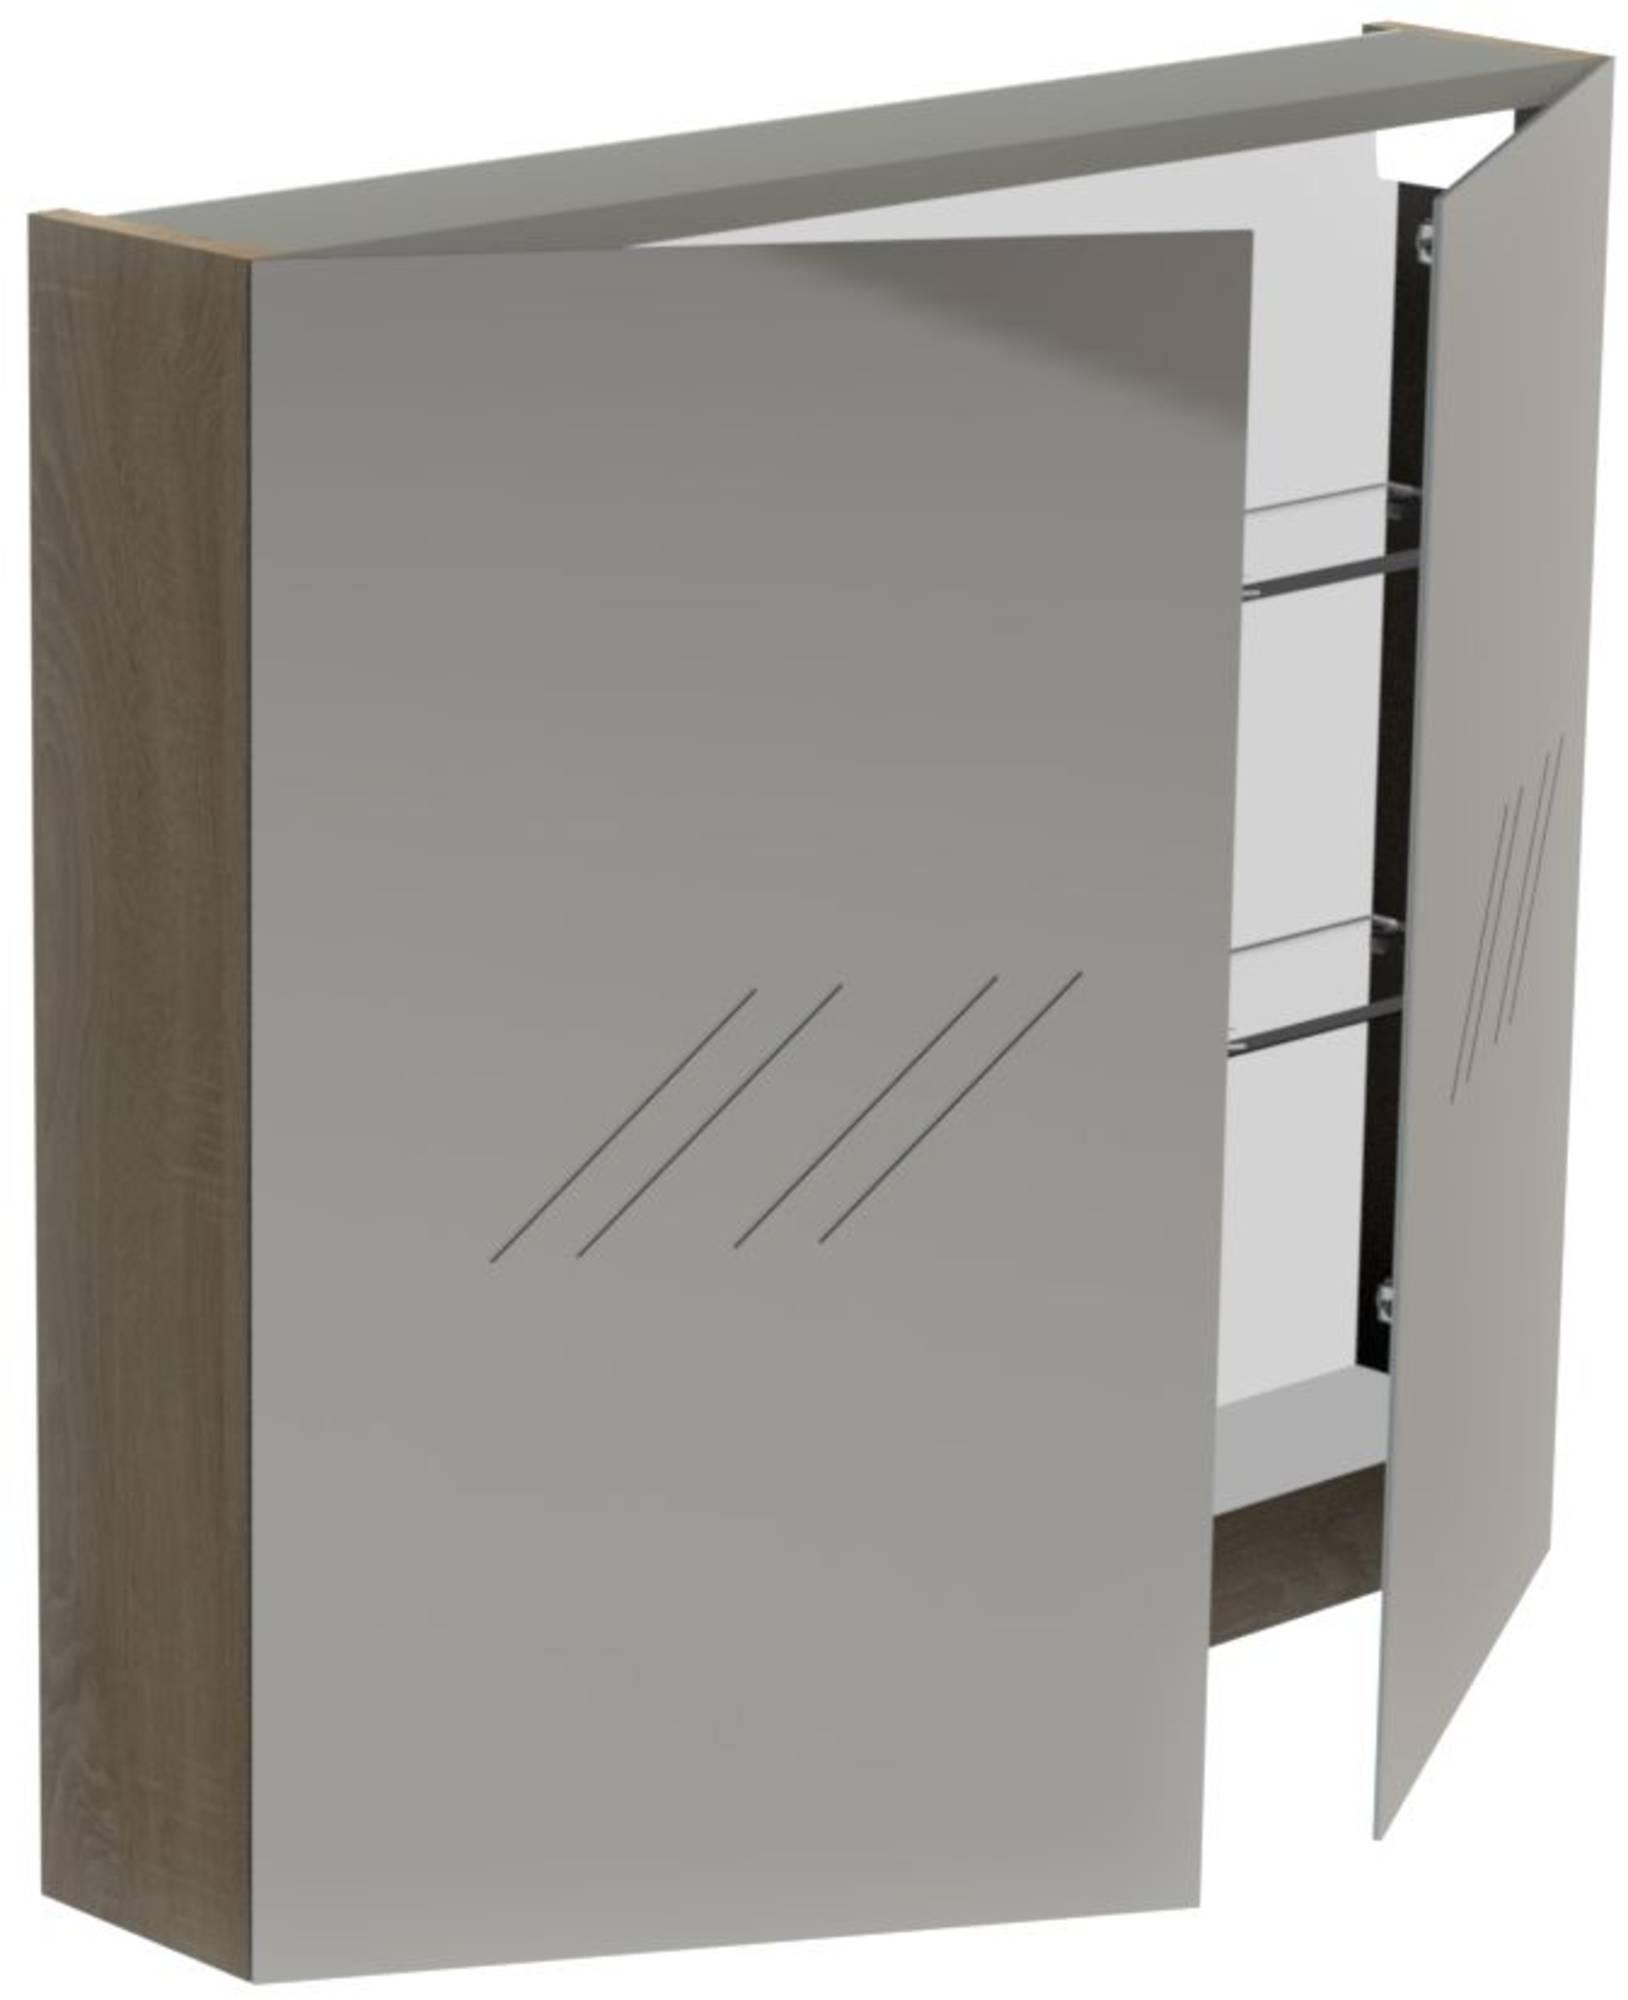 Thebalux Basic Spiegelkast 70x80x13,5 cm Eiken Antraciet